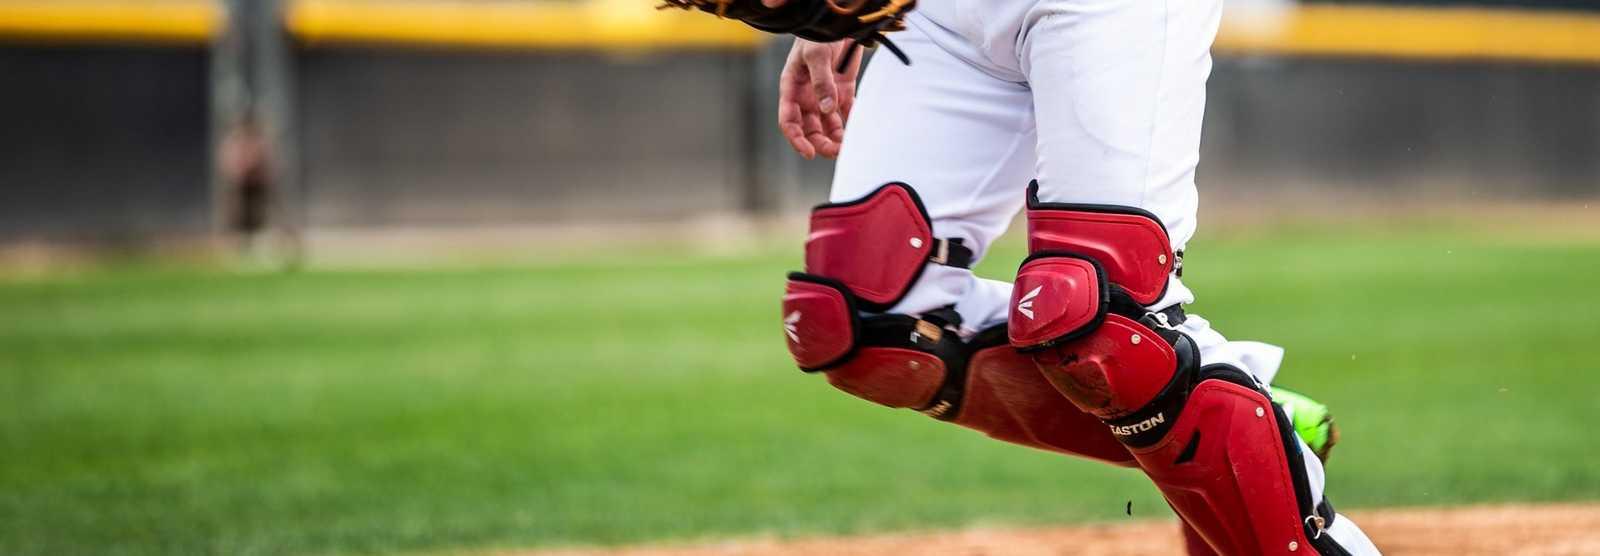 baseball-catchers-leg-guards